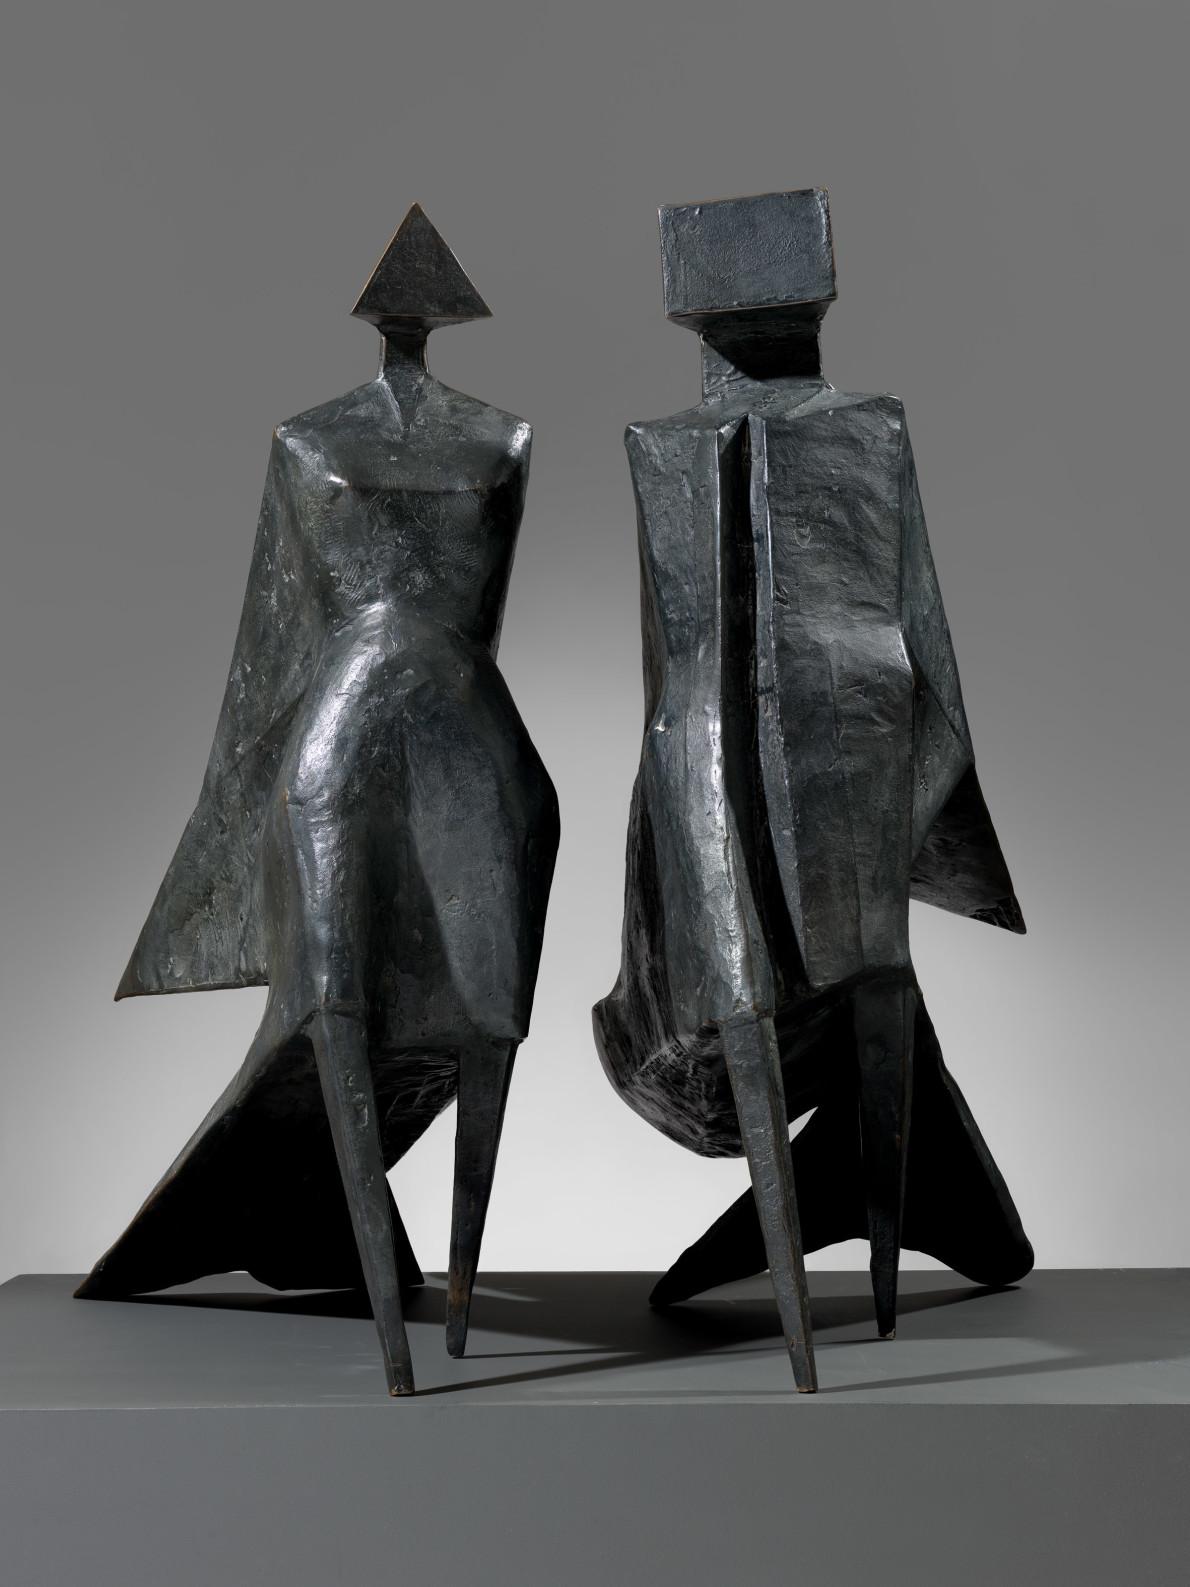 Lynn Chadwick, Maquette III, Jubilee III, 1984